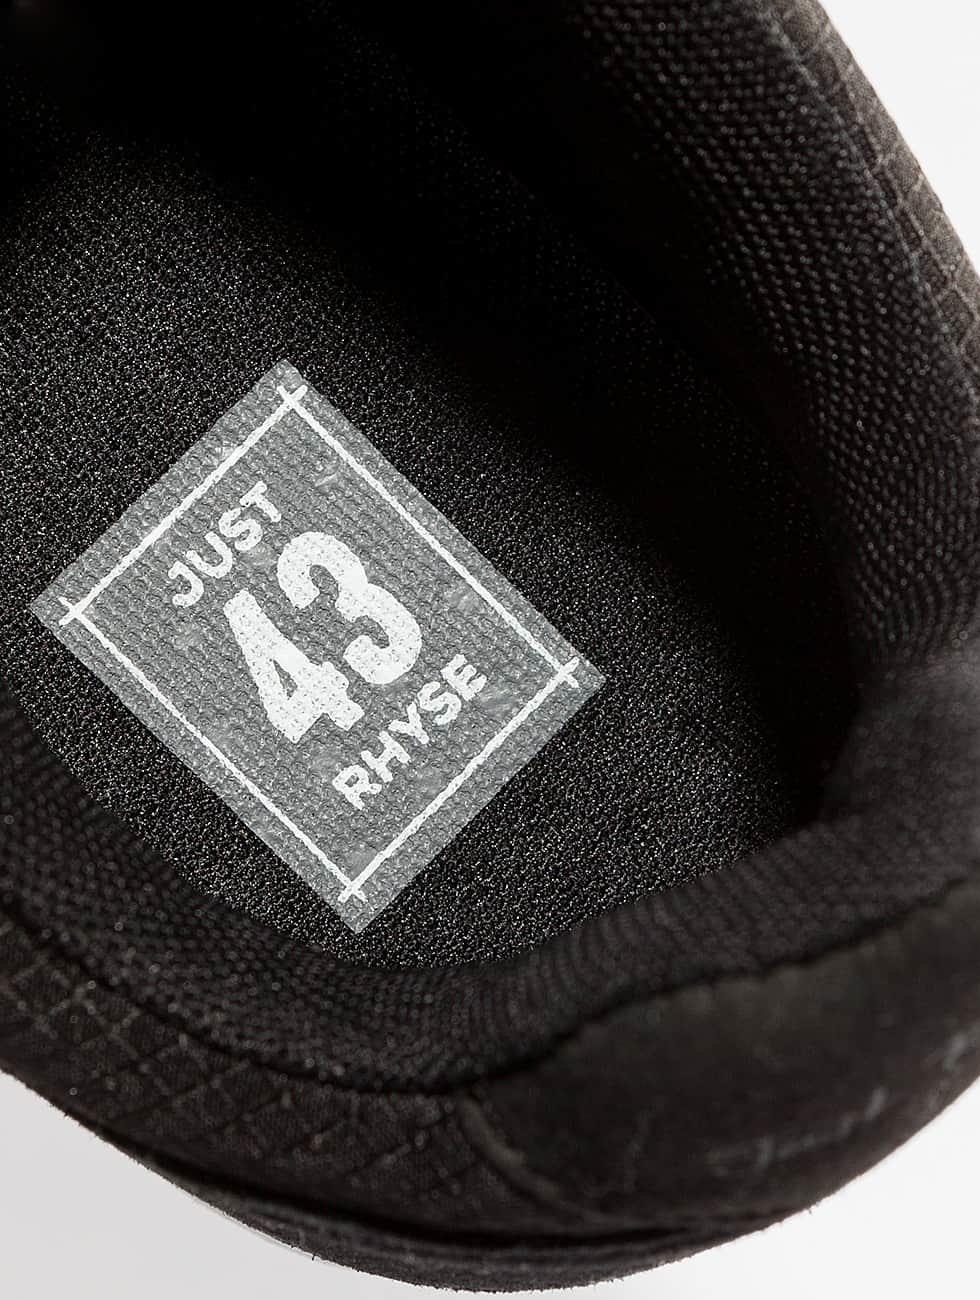 Just Rhyse schoen / sneaker Simson in zwart 395481 Korting Goedkoop Outlet Online Winkelen Winkelaanbod Online Goedkope Koop Foto Klaring Lage Verzendkosten tzpJDb